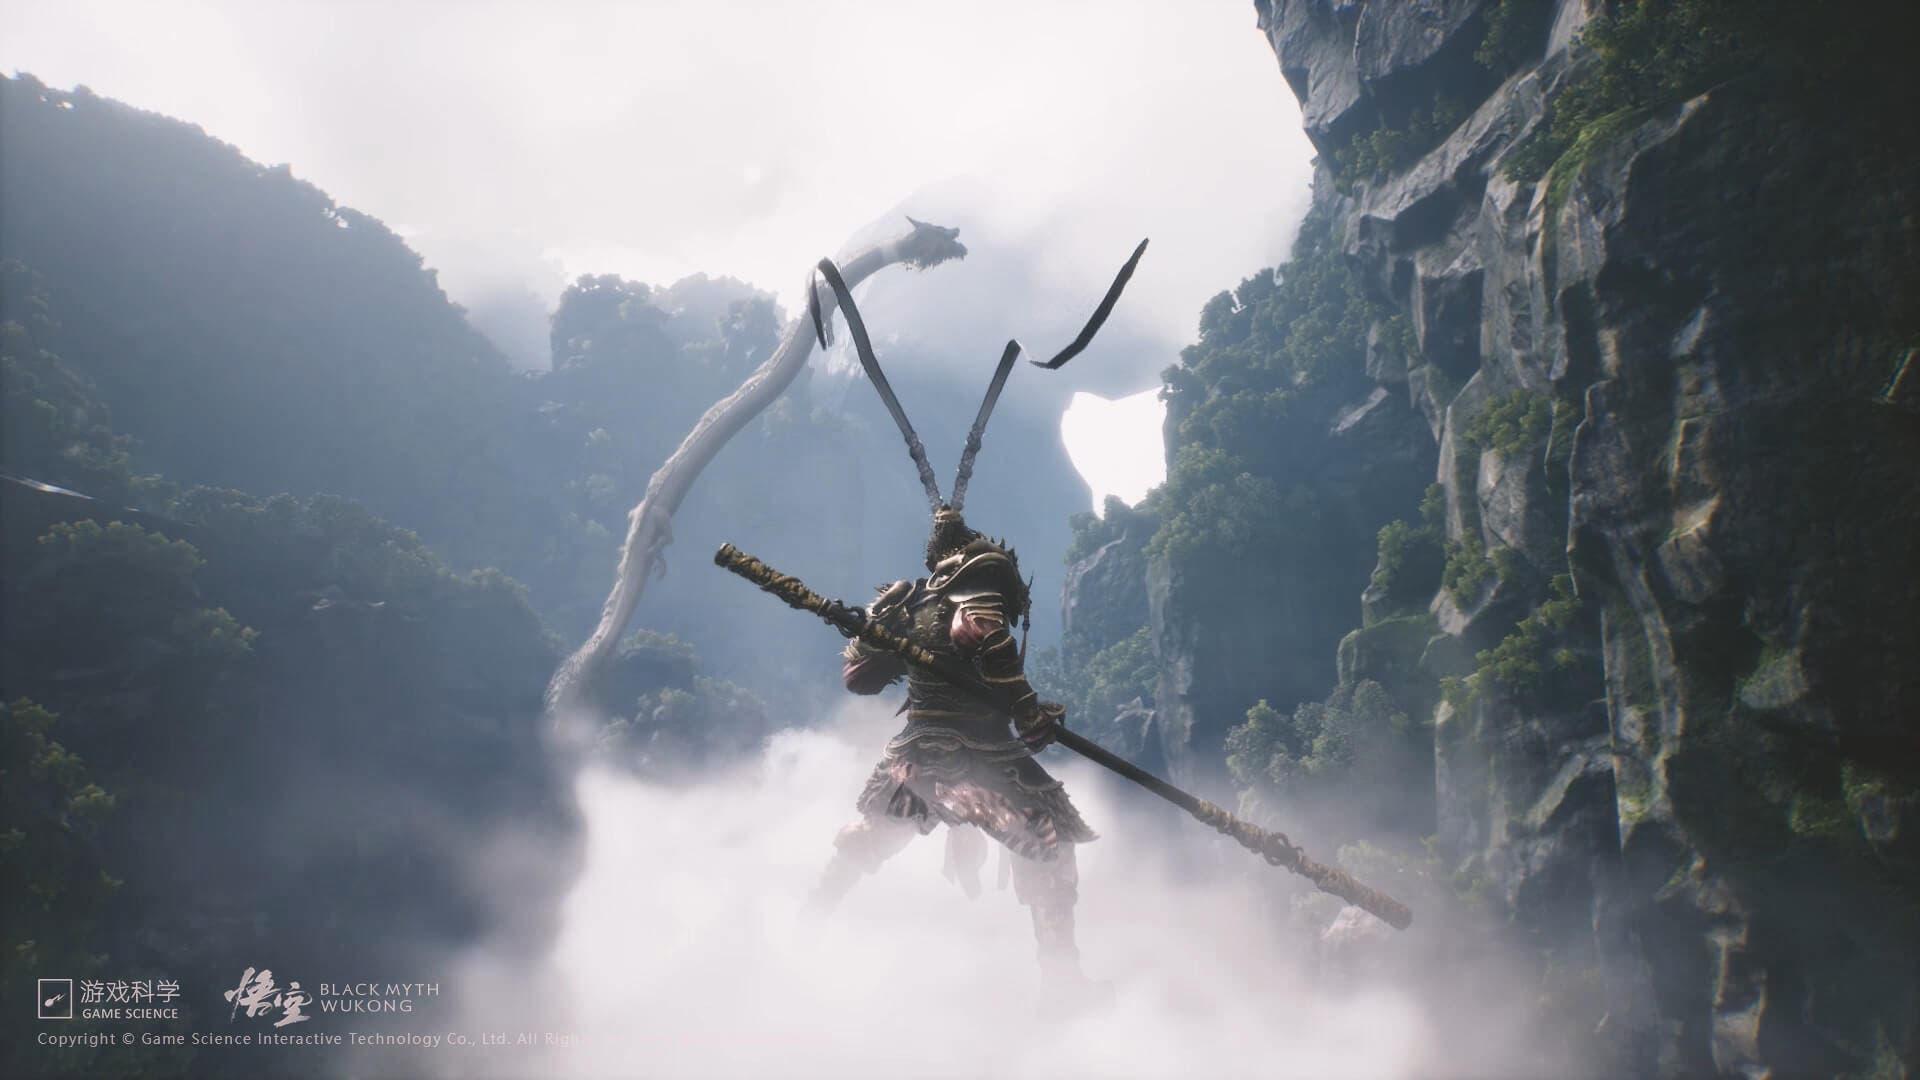 Los desarrolladores de Black Myth Wukong han hablado después del exitoso gameplay